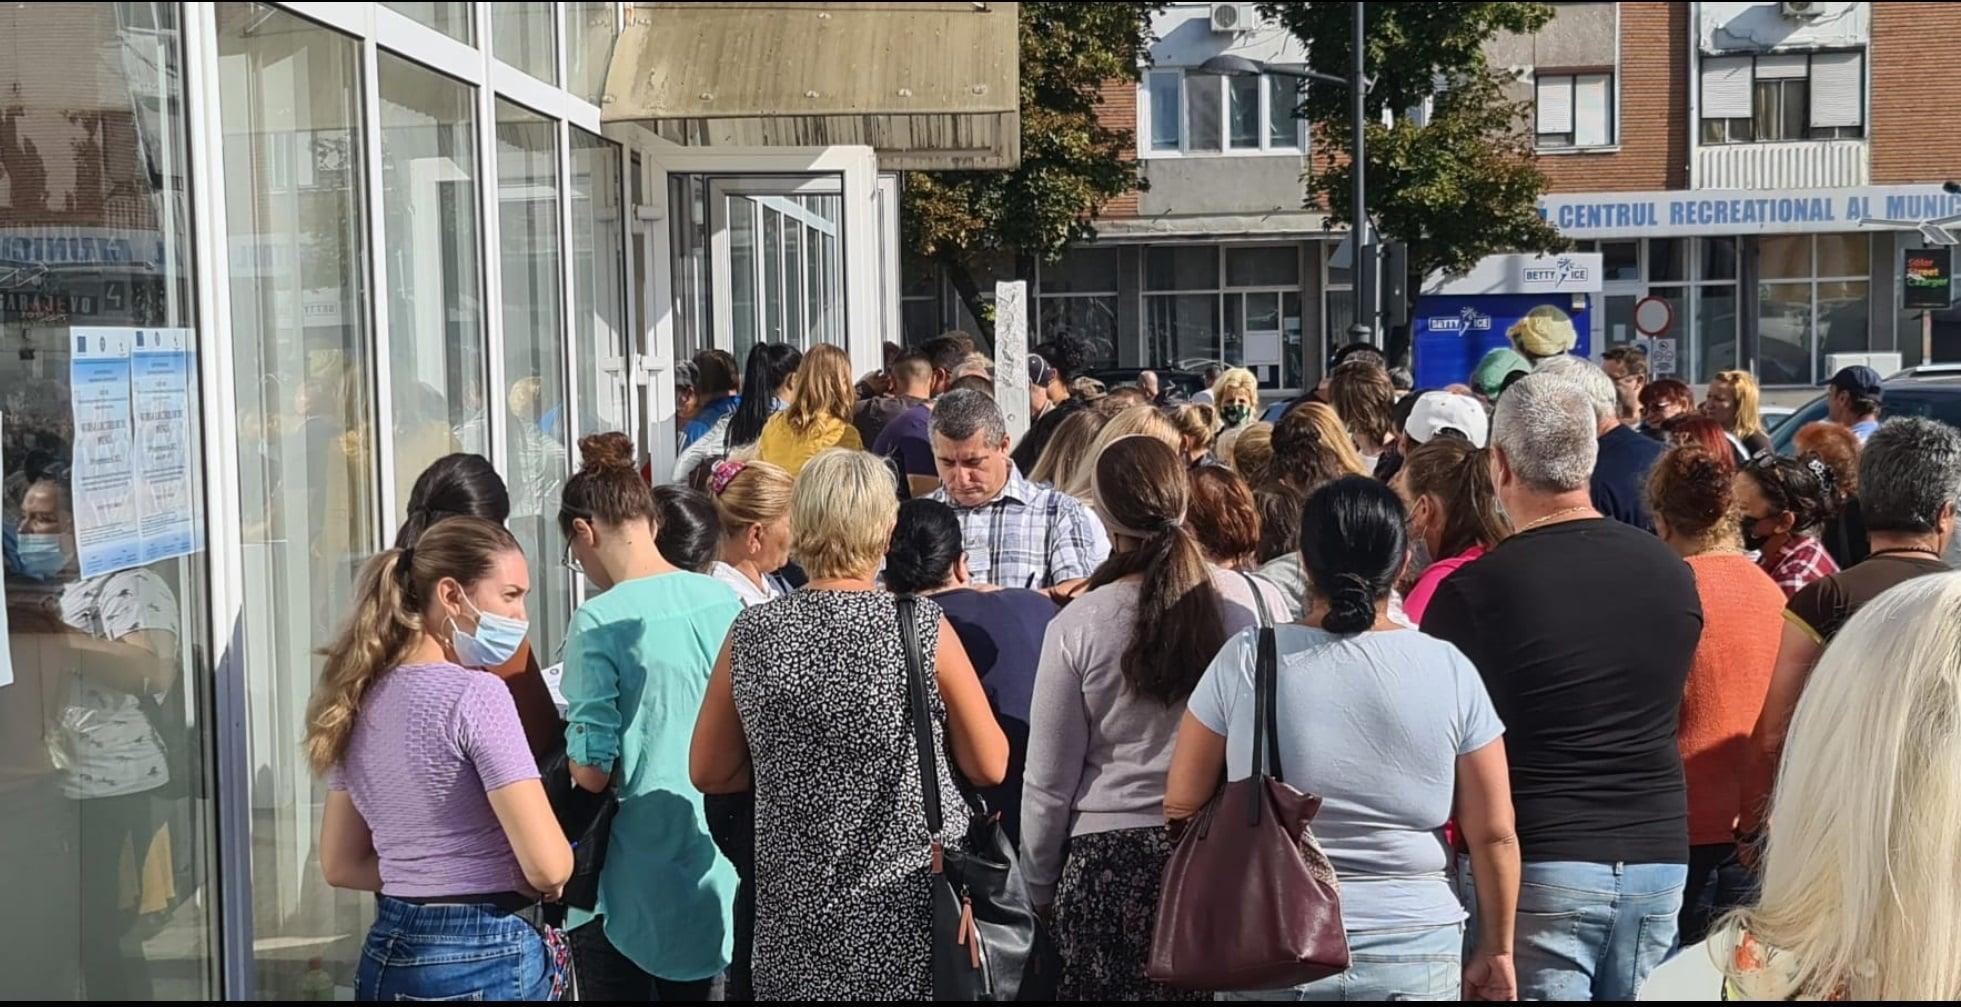 Participare numeroasă la Bursa locurilor de muncă de la Hunedoara. 30 de persoane au fost angajate pe loc